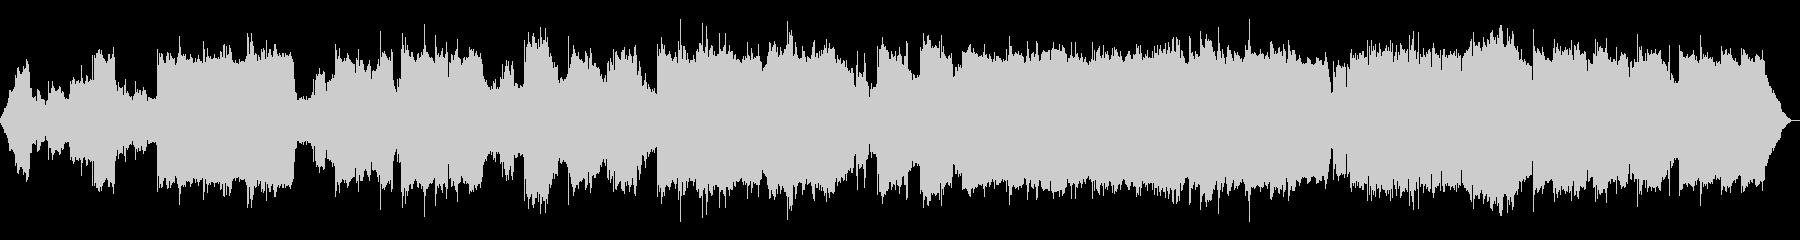 エレクトリックピアノのシンプルなメ...の未再生の波形